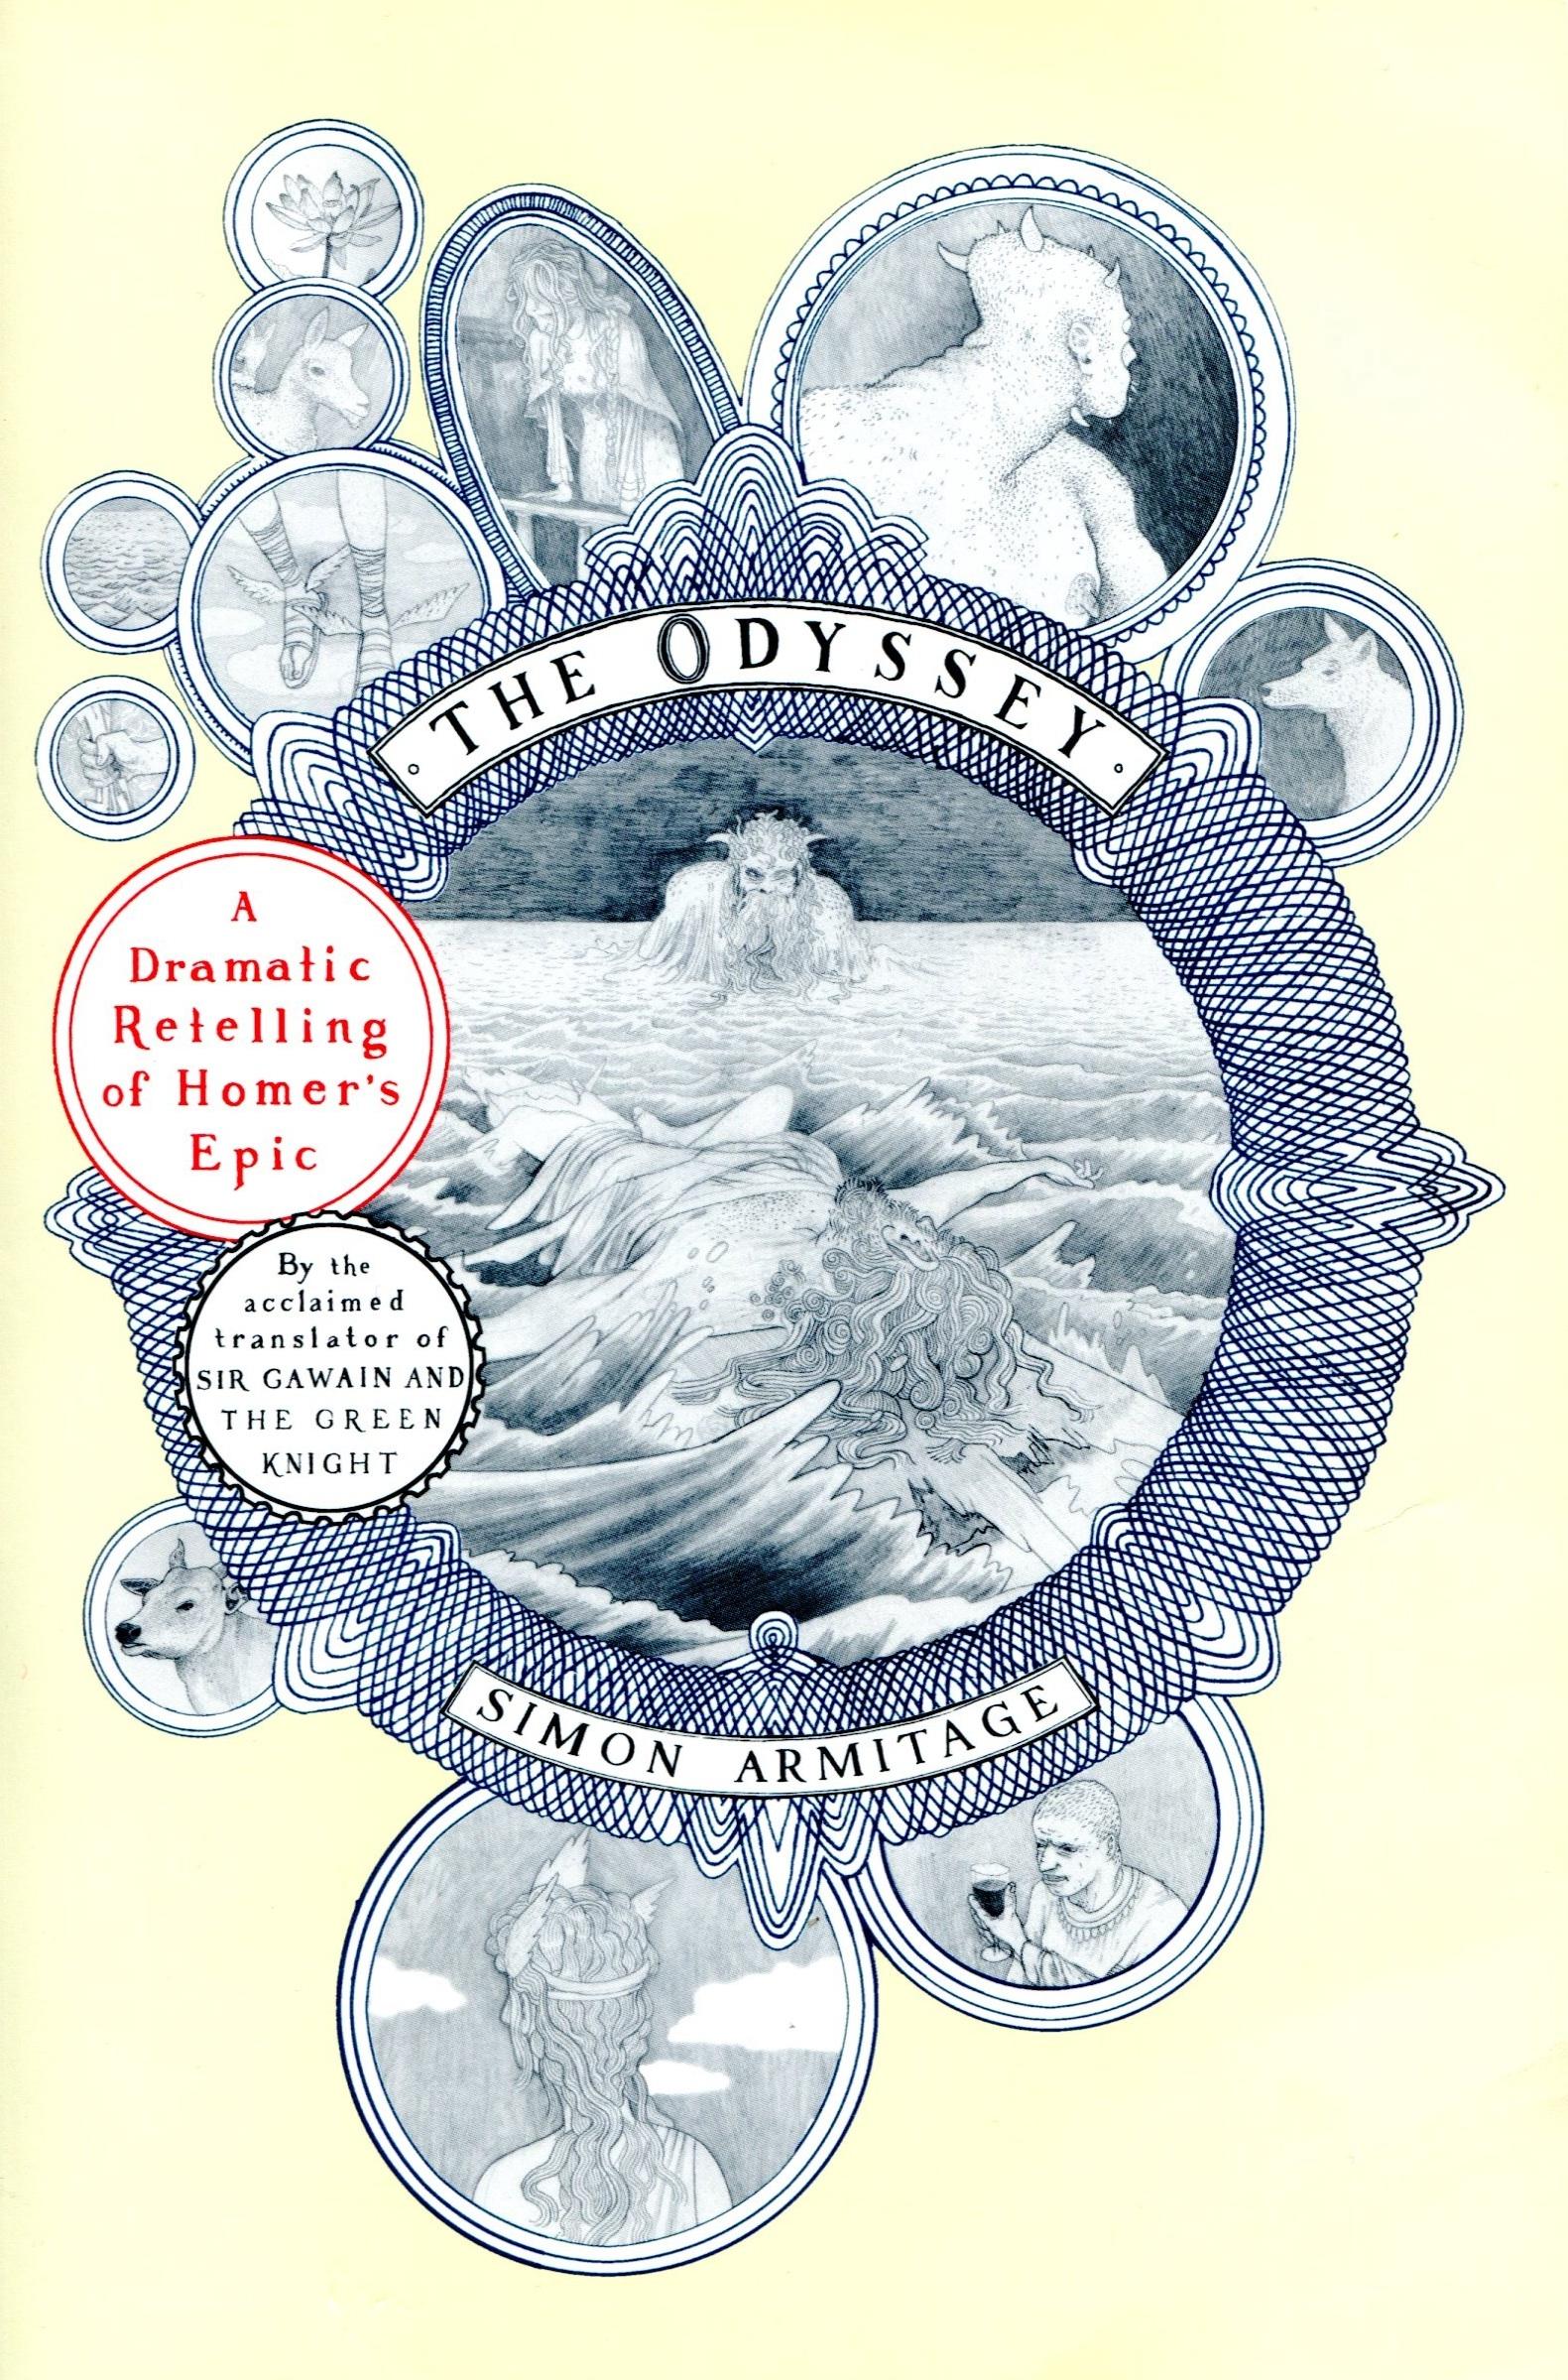 The Odyssey by Simon Armitage